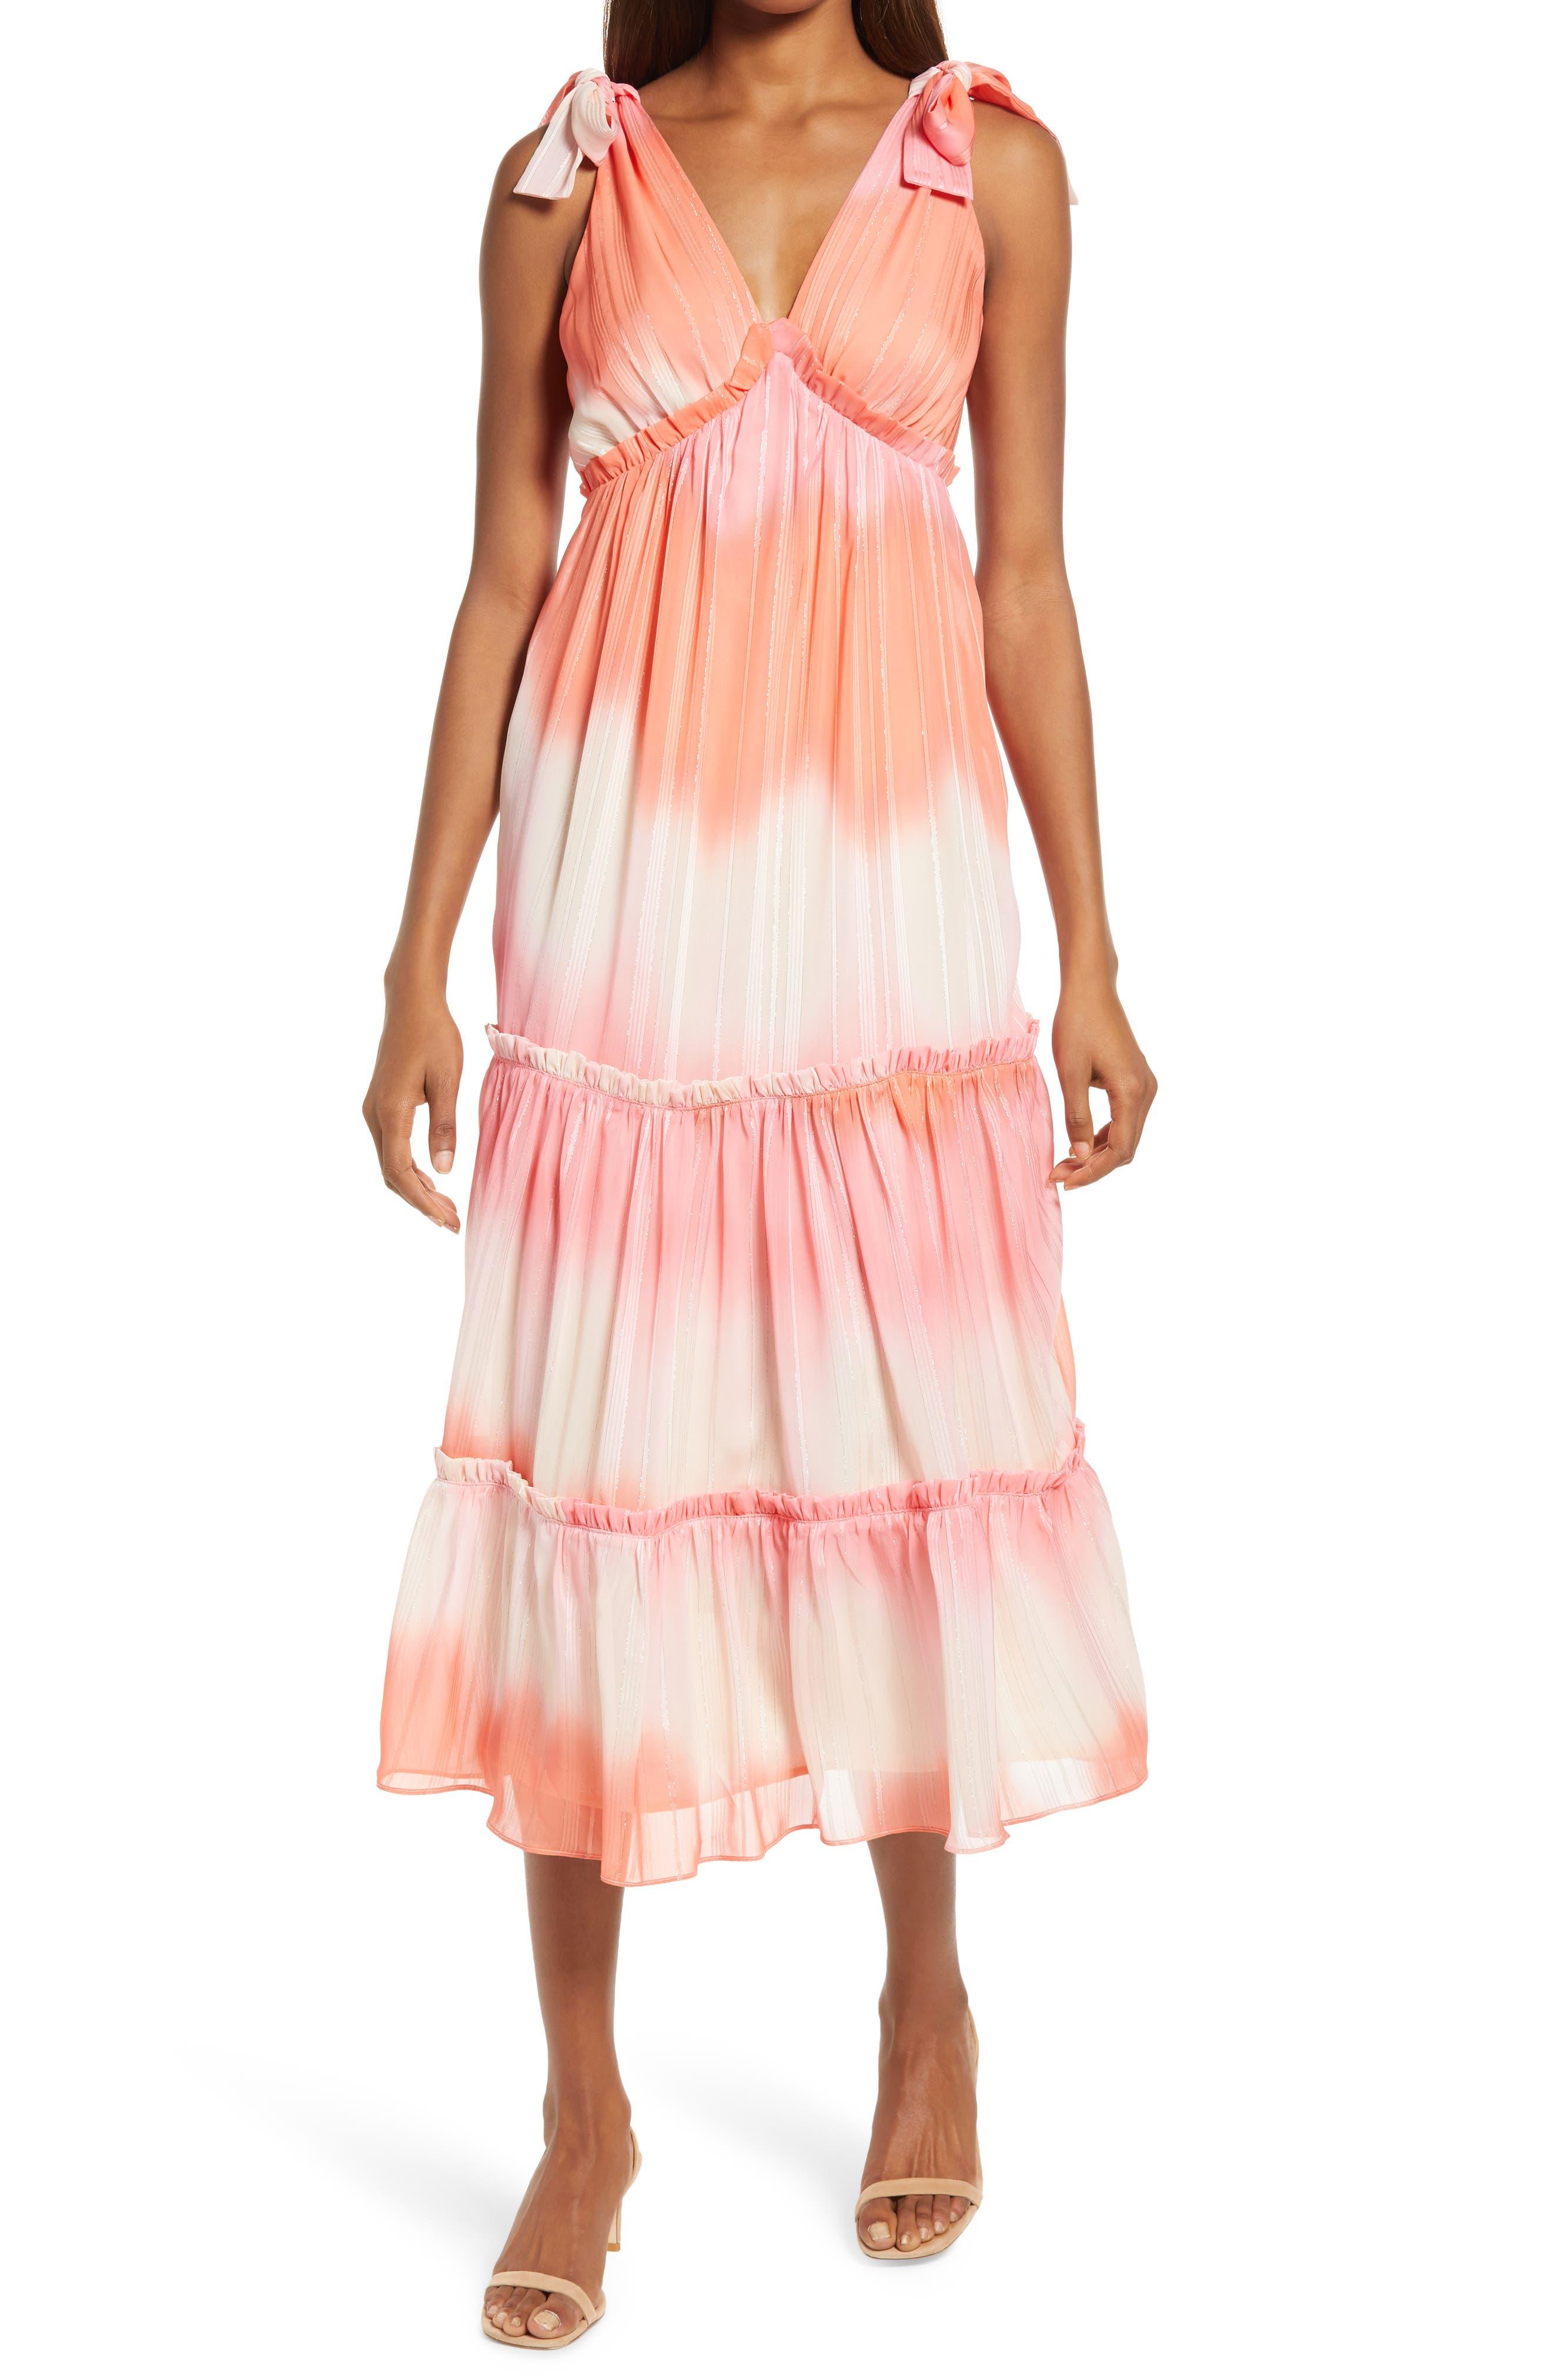 Tie Dye Chiffon Midi Dress